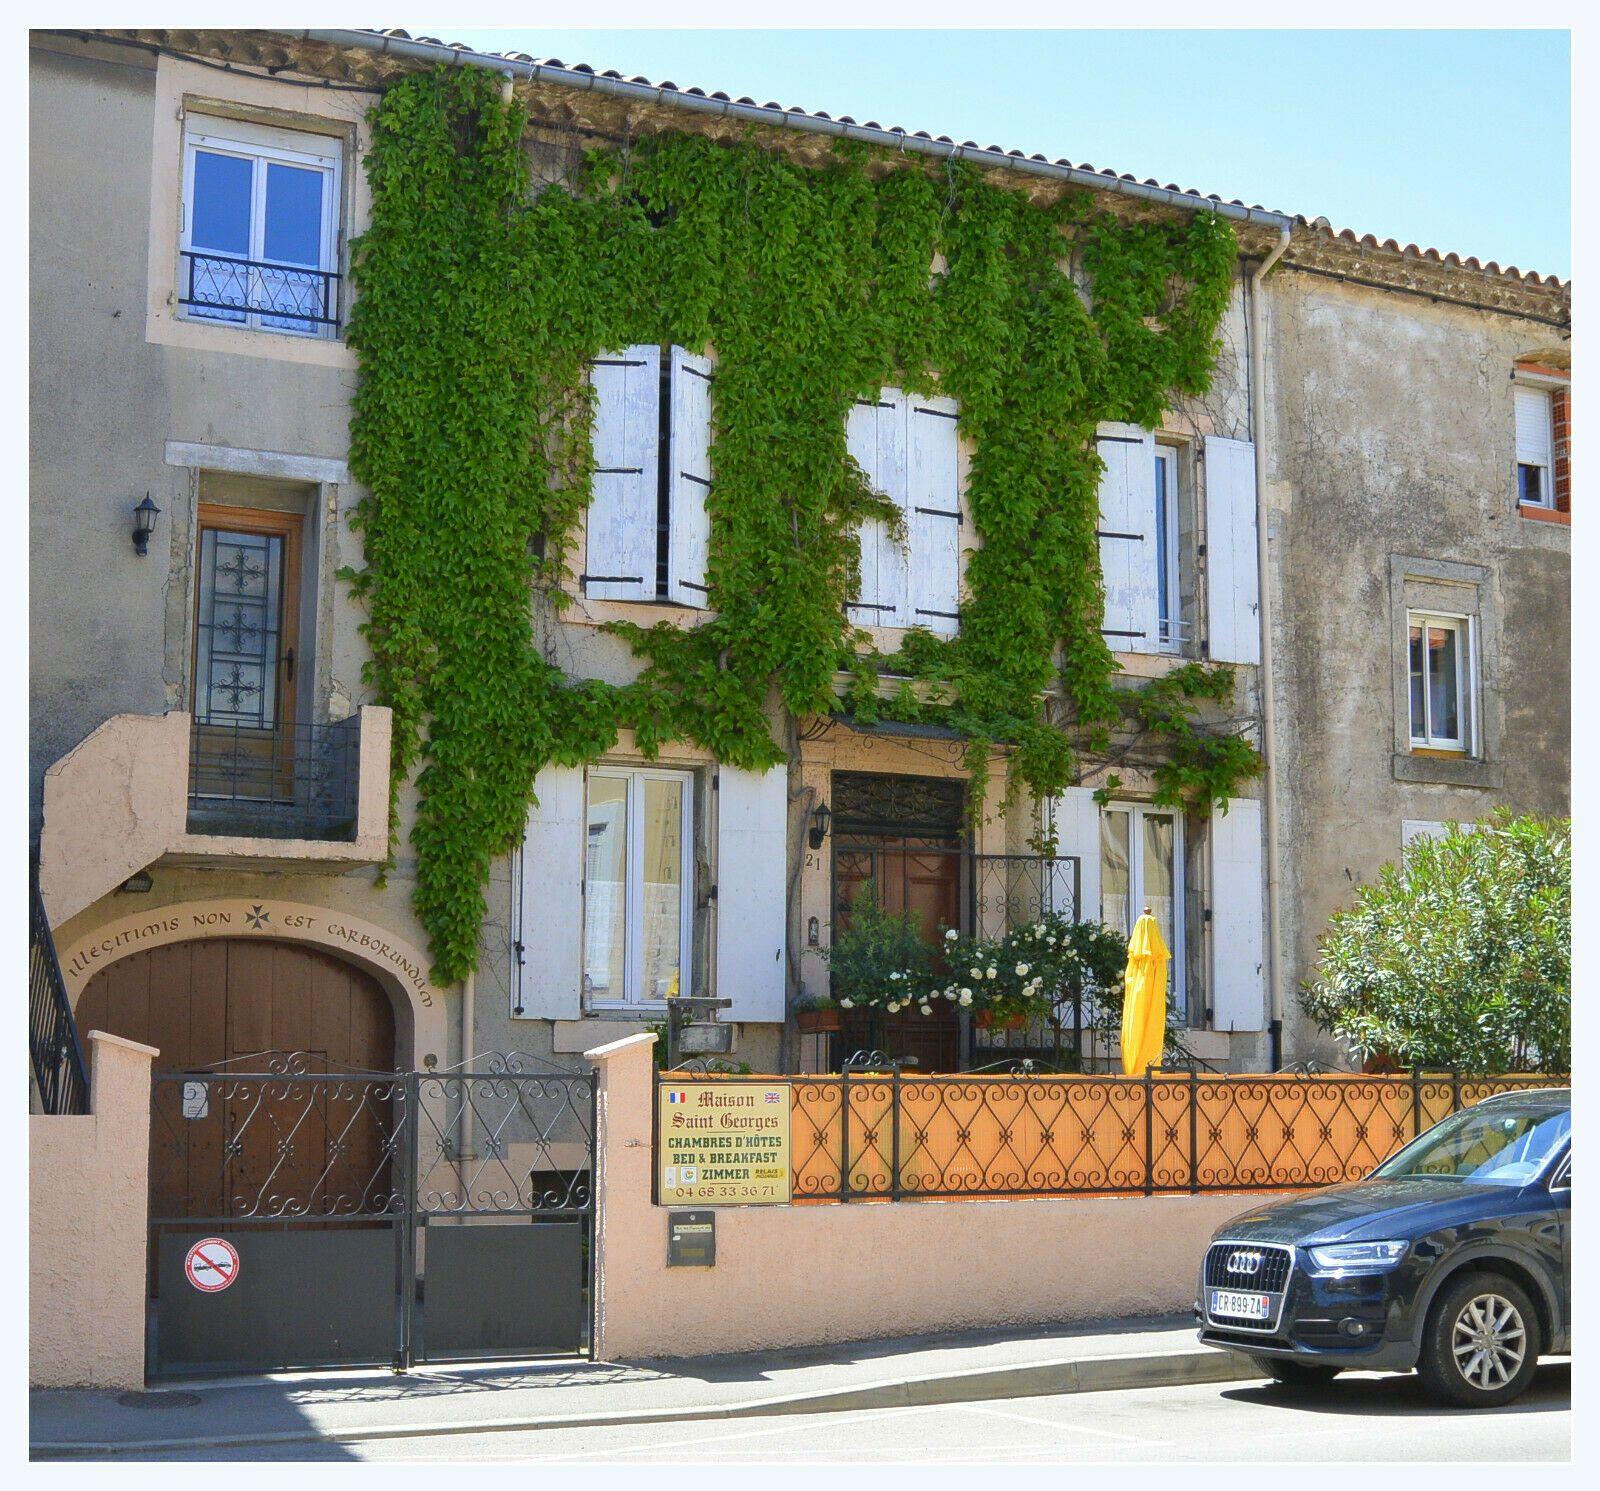 Petit Studio Meuble Vacances 7km Narbonne Aude 12km Mediterranee En 2020 Studio Meuble Maison Style Narbonne